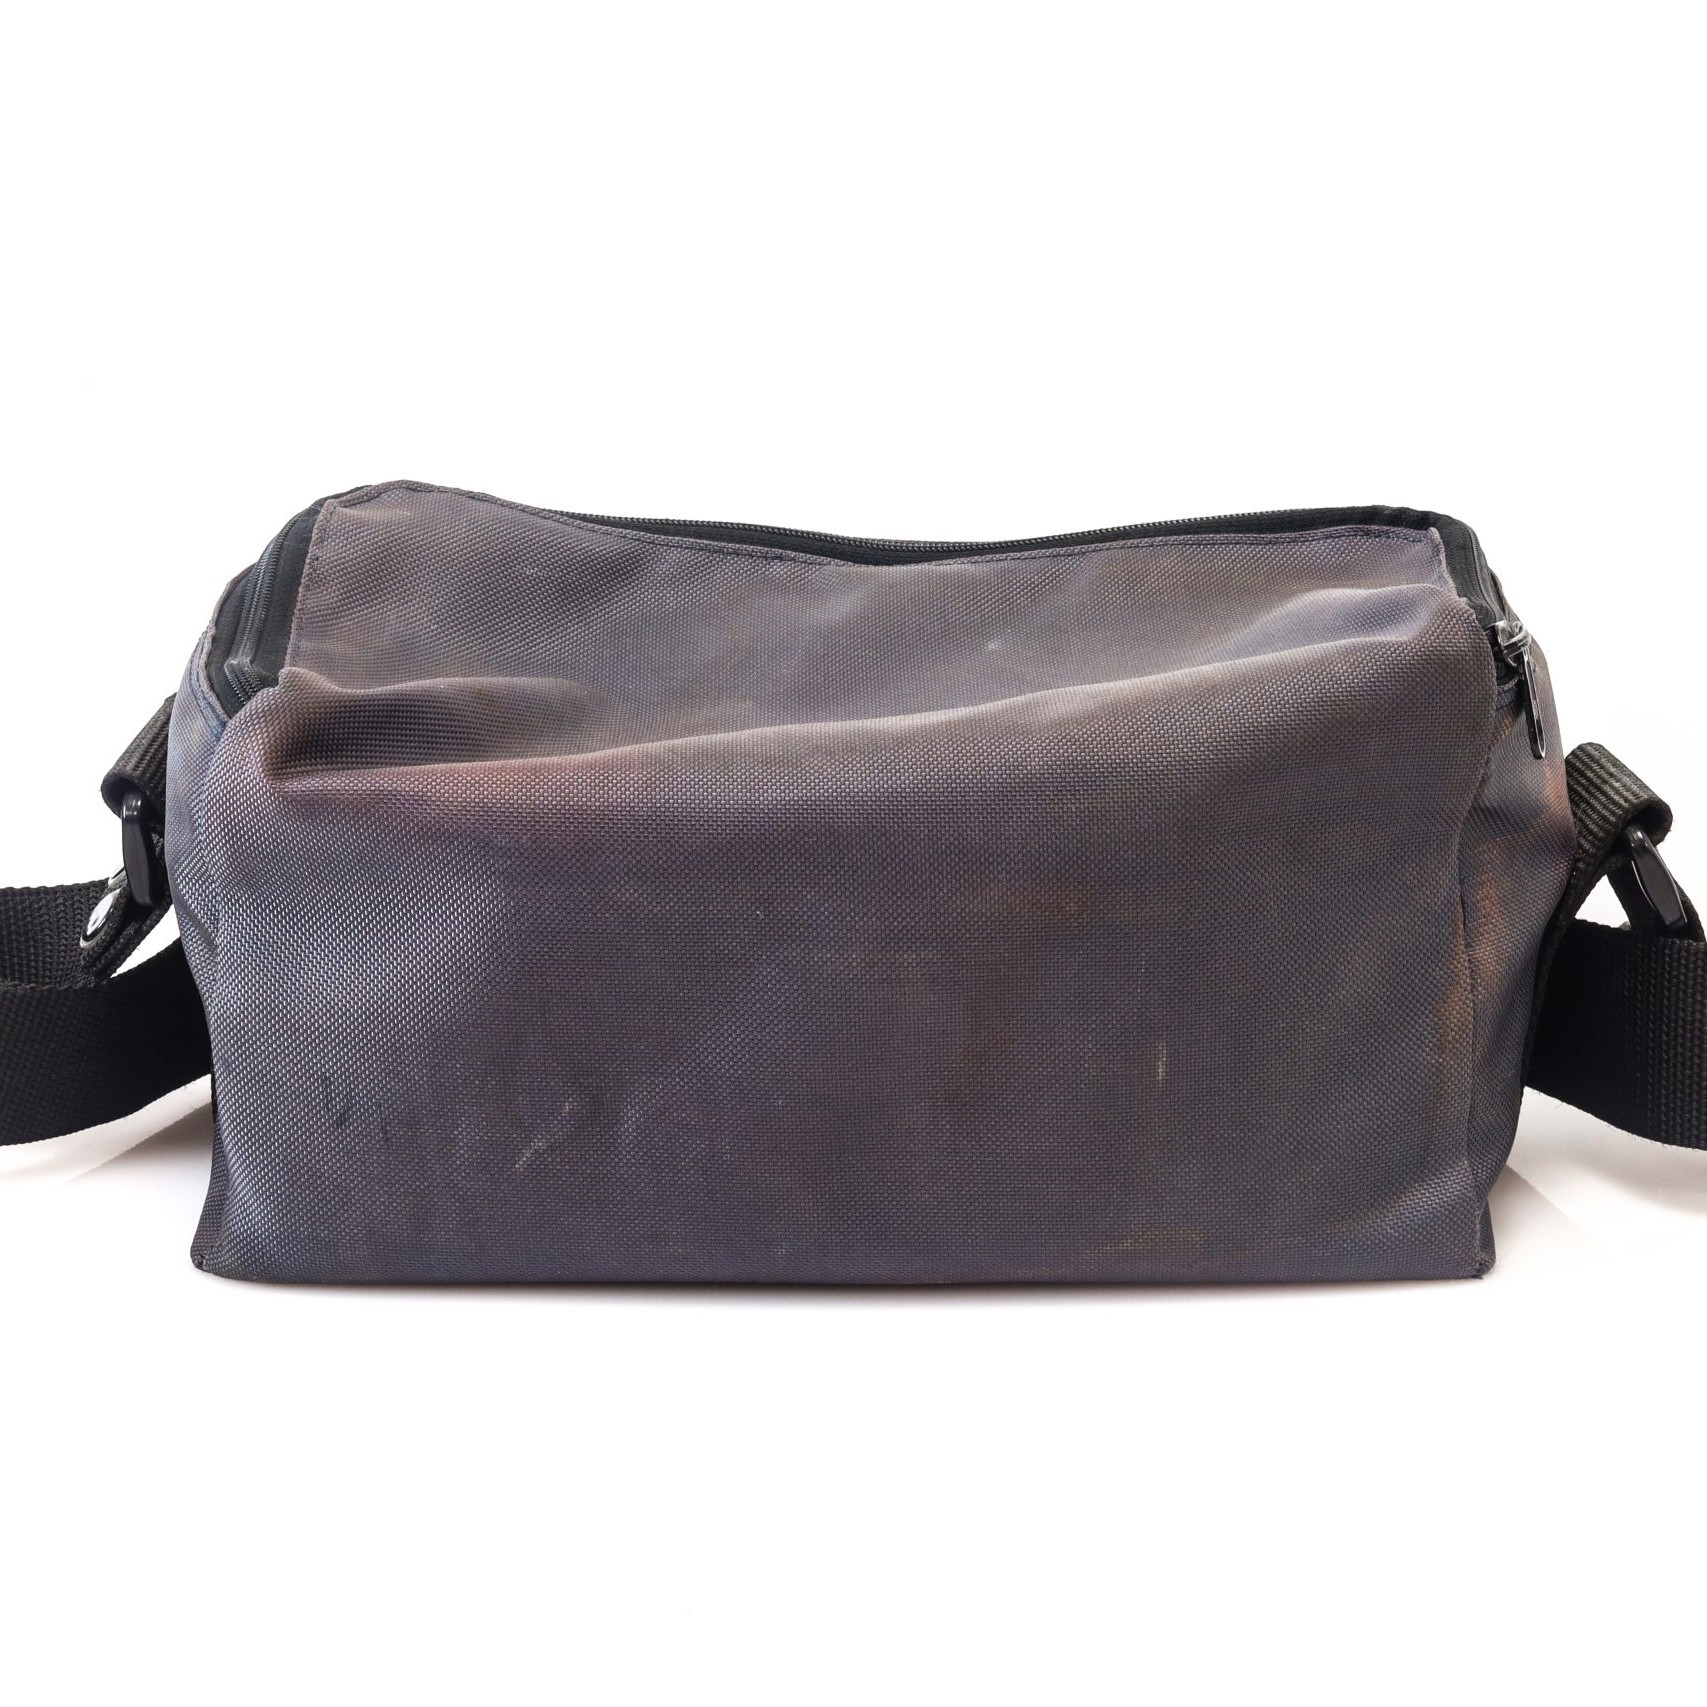 Preowned Vintage Praktica Camera Bag